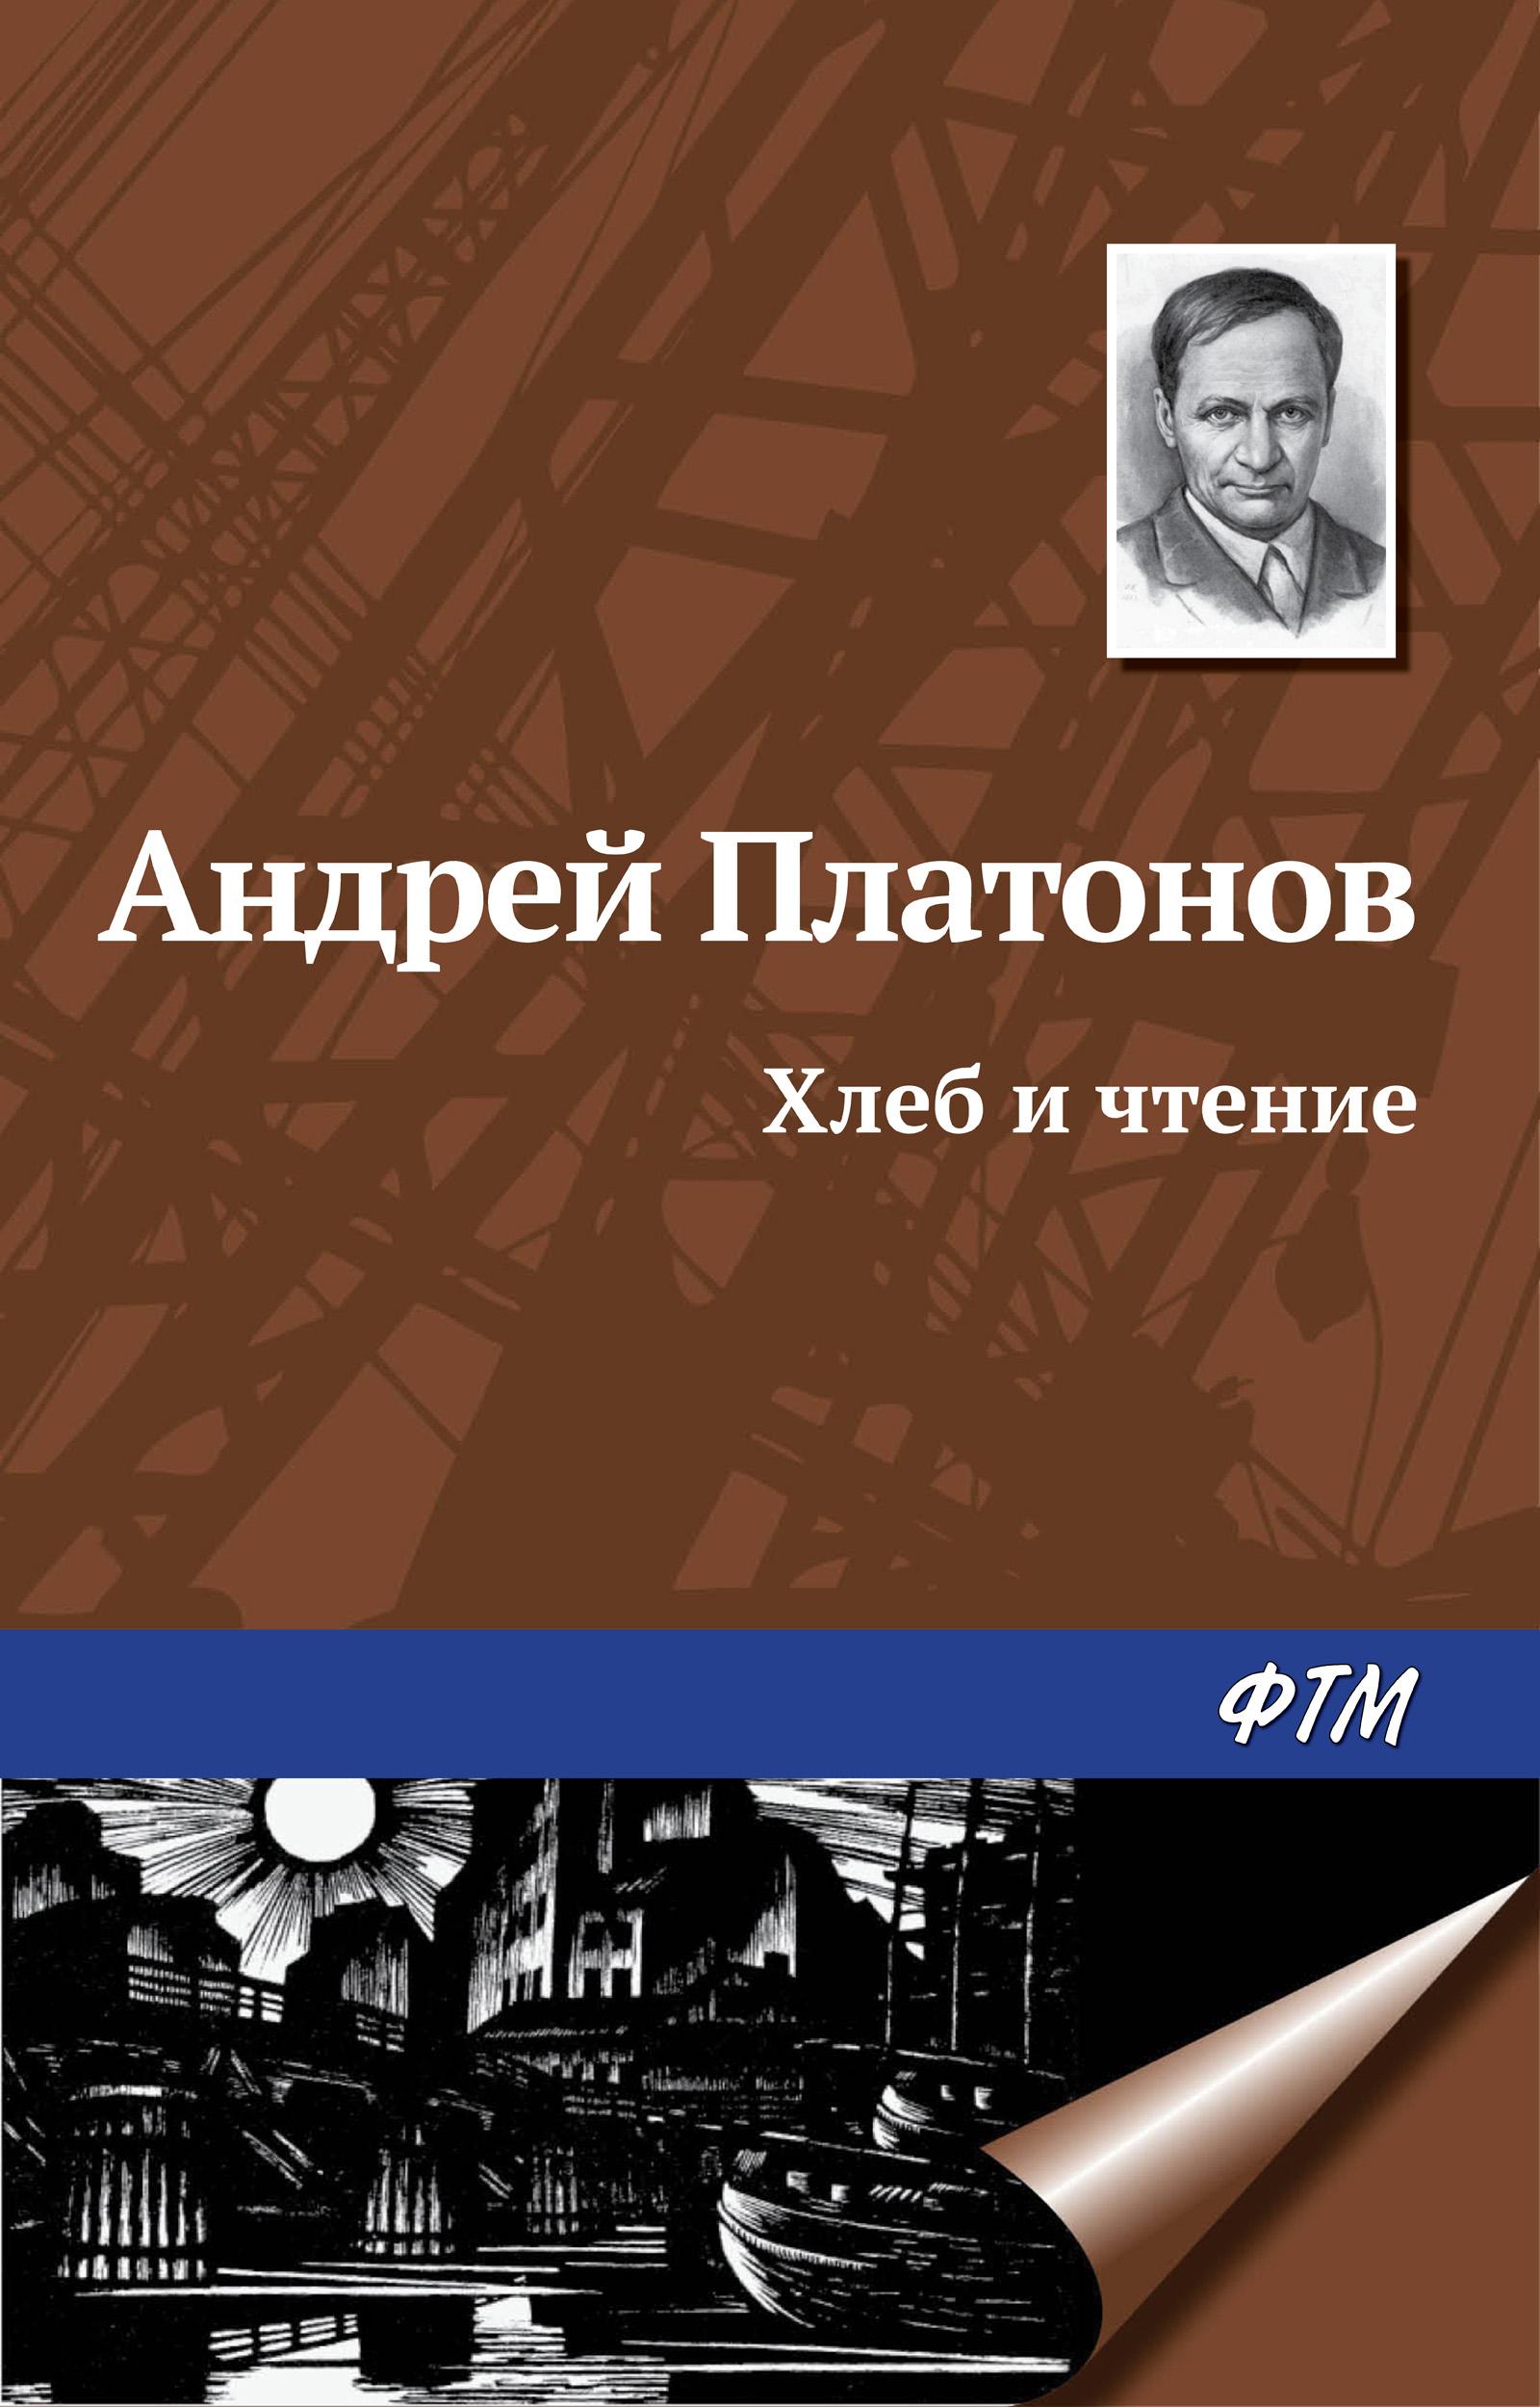 Андрей Платонов Хлеб и чтение манипулятор 40 тонн астана